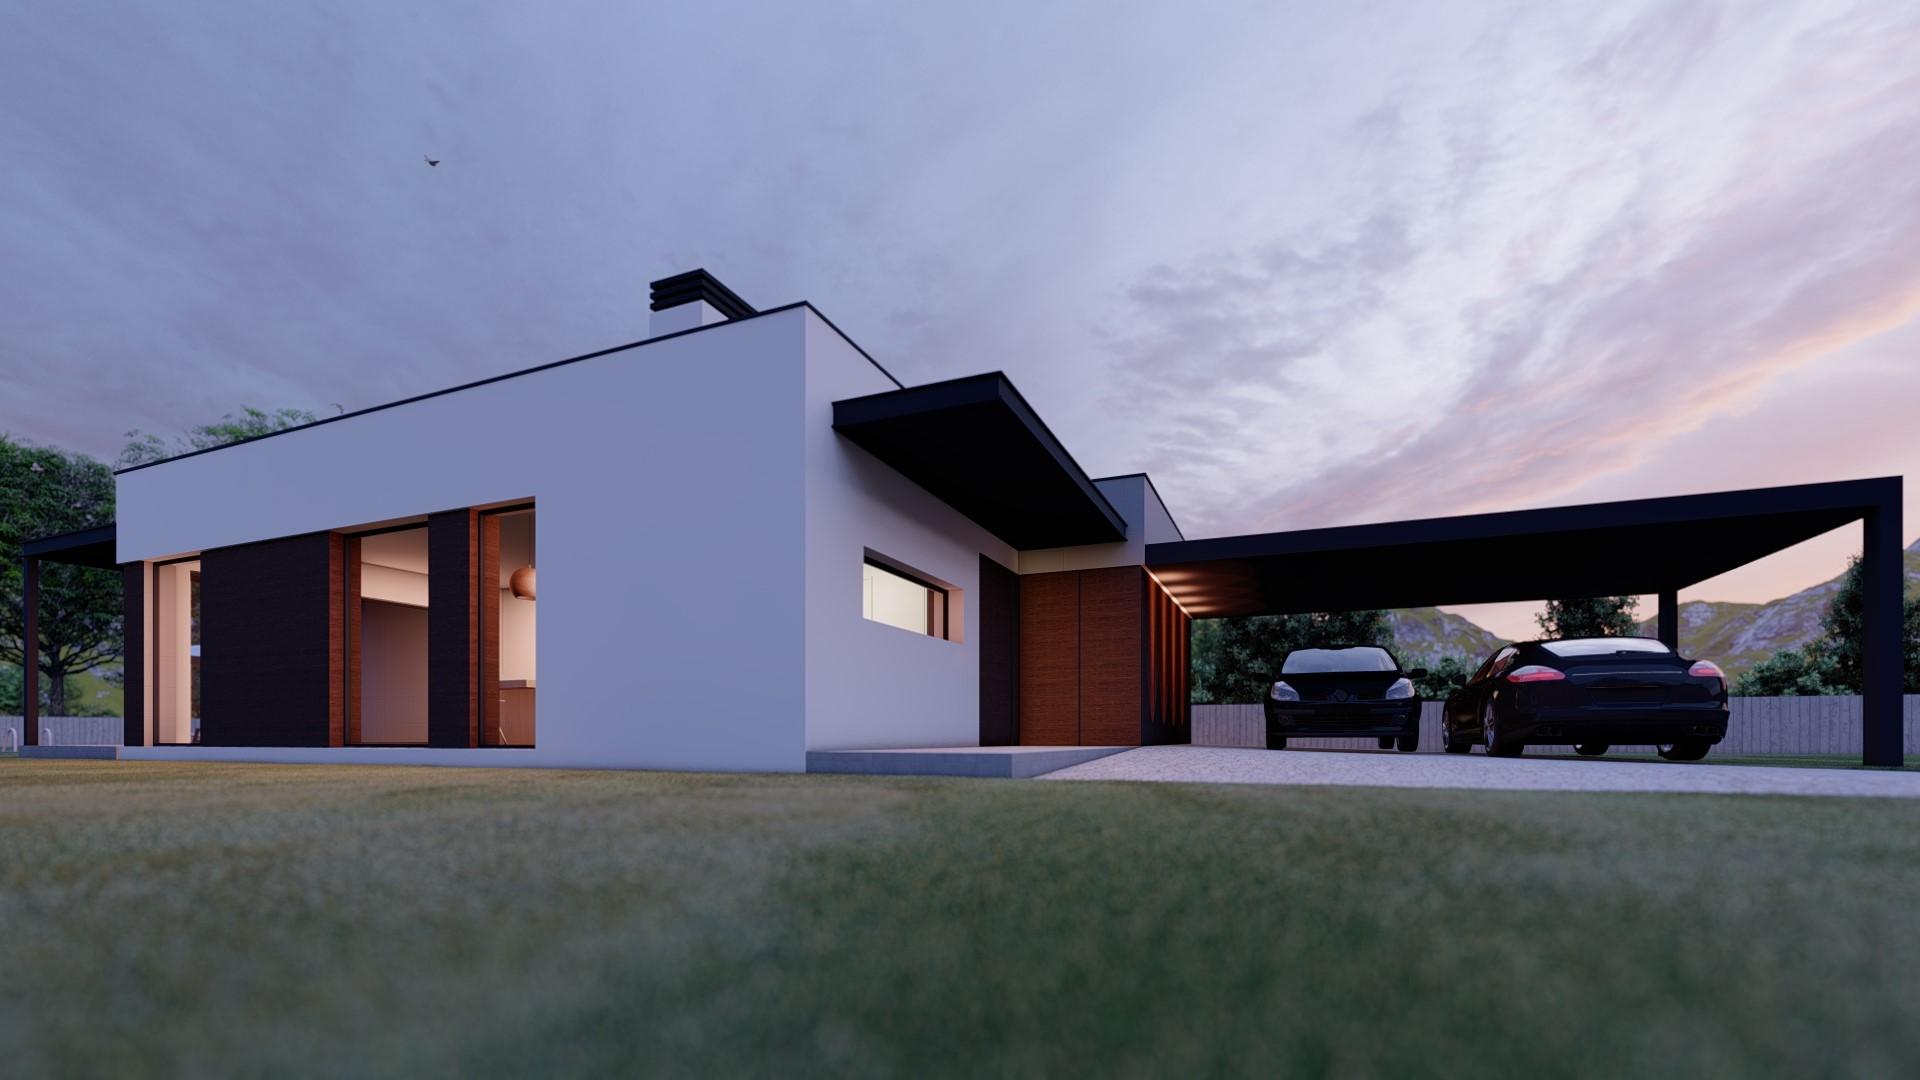 Vivienda-modular-salvaterra-arquitecto-arquitectura-puzzle-modular (1)